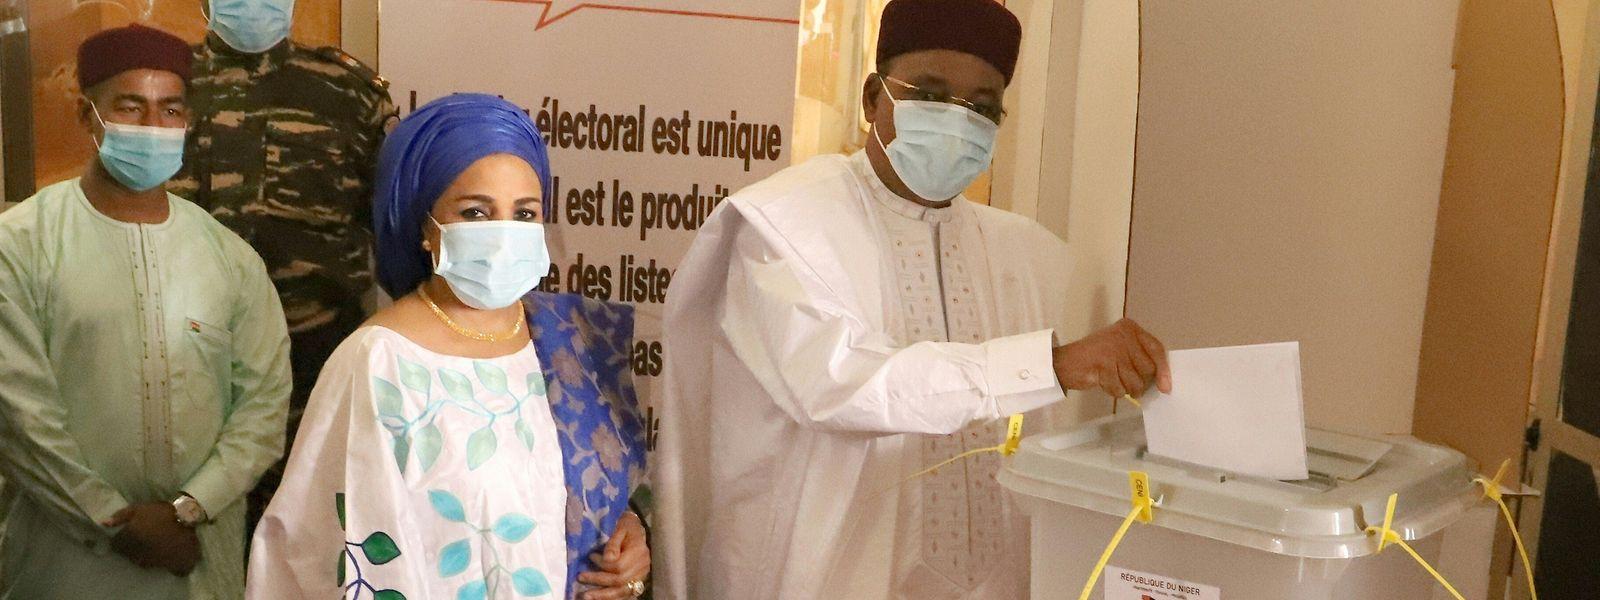 Präsidentschaftskandidat Mahamadou Issoufou gibt seine Stimme ab. Niger zählt zu den ärmsten Ländern der Welt.